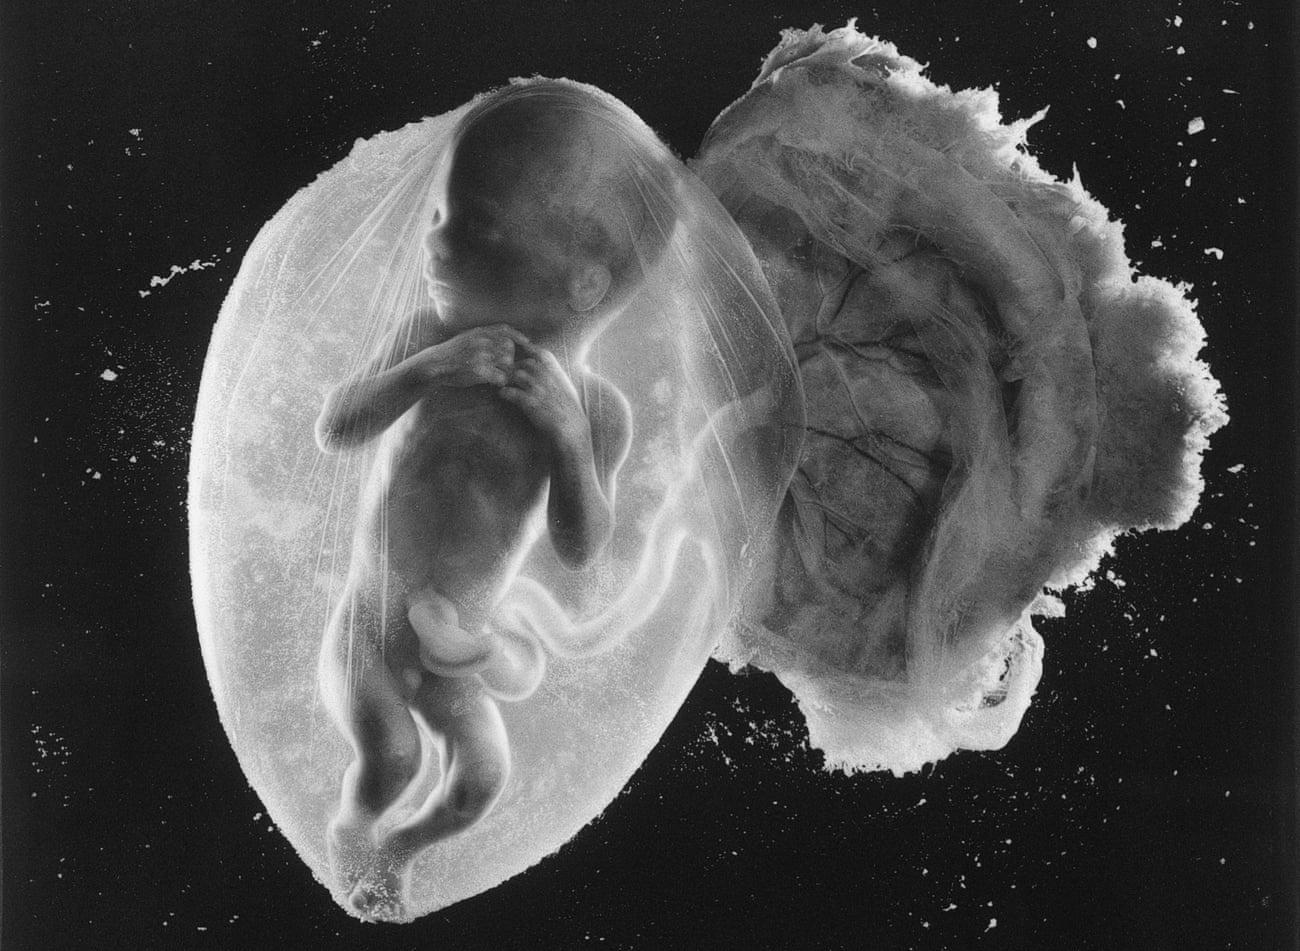 Doğum öncesi yolculuk... 18 haftalık fetüs, Fotoğraf: Lennart Nilsson